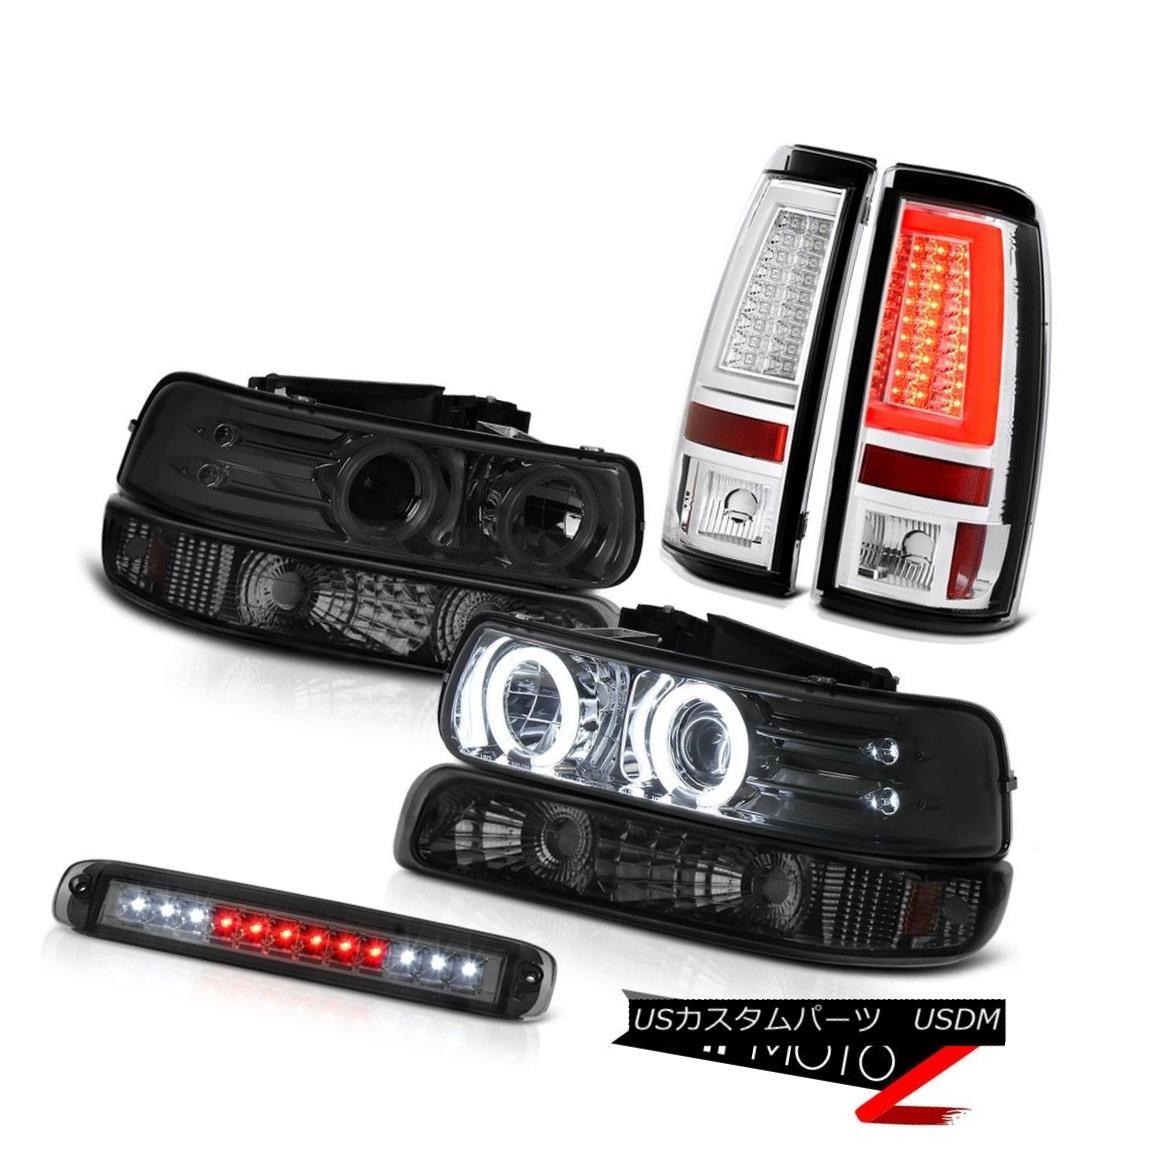 テールライト 99-02 Silverado WT Tail Brake Lamps Roof Lamp Signal Headlights